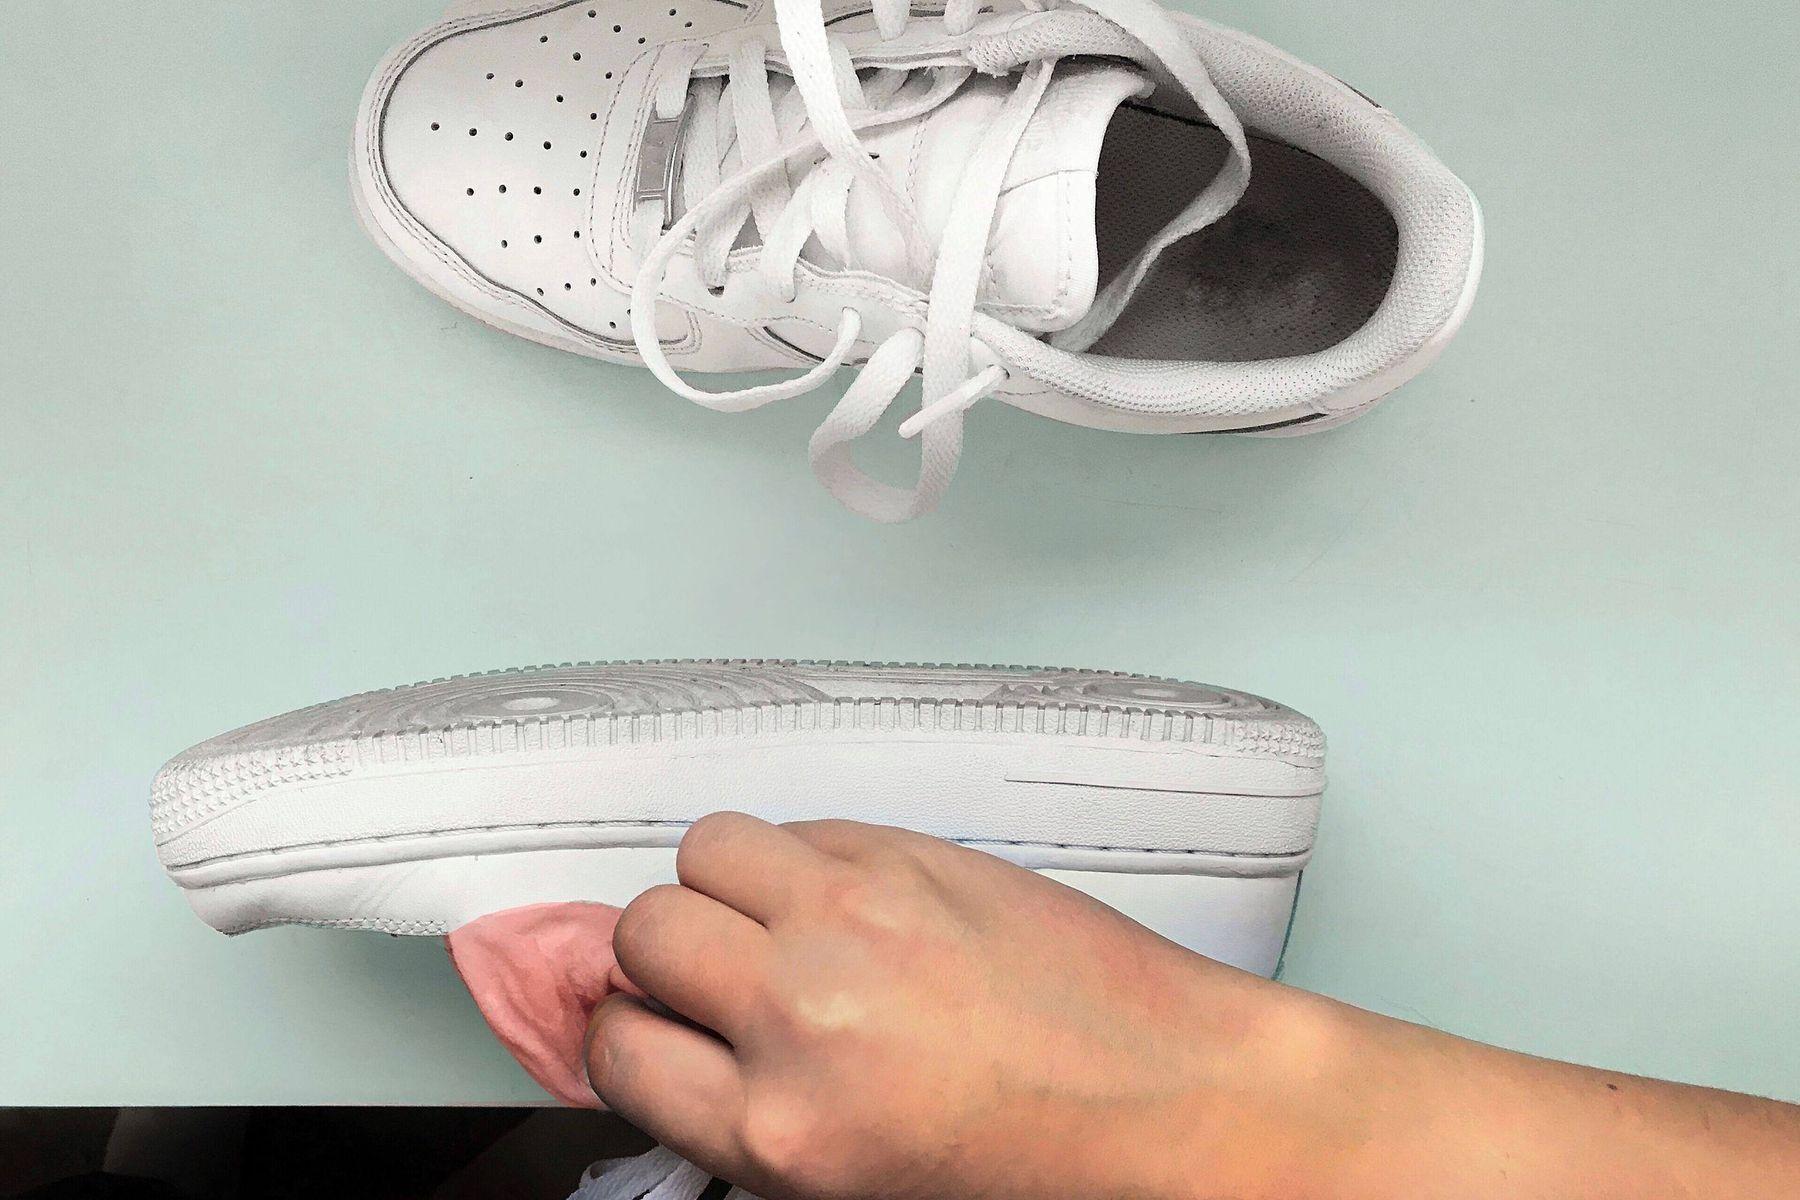 วิธีดูแลรองเท้าผ้าใบด้วยสูตรขาวไวท์เทนนิ่ง